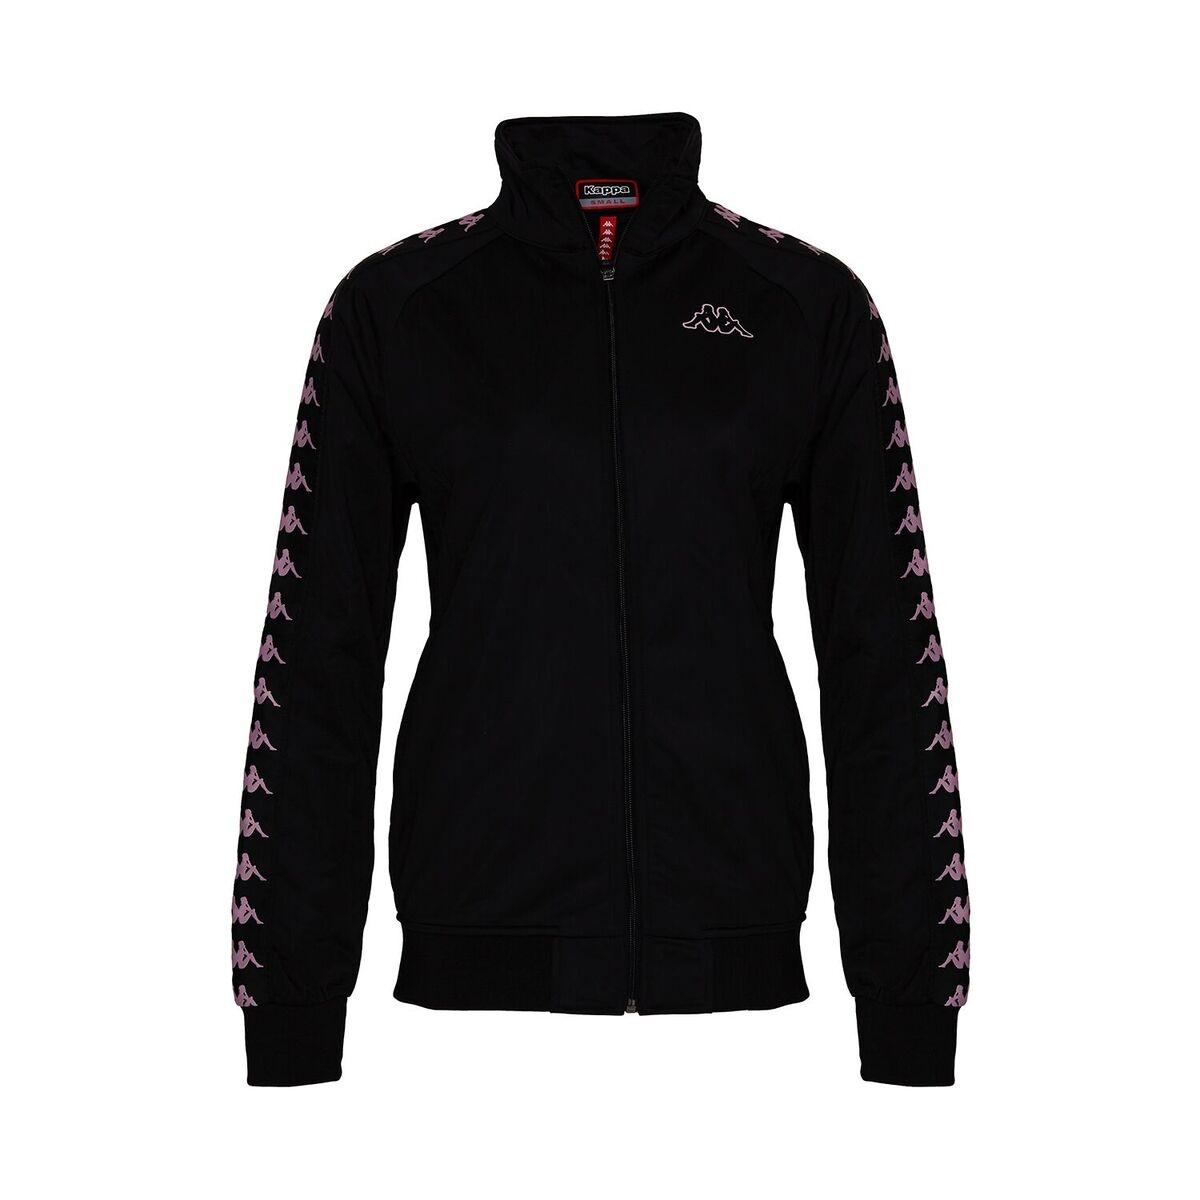 Kappa Kappa Track Jacket, Black-Pink